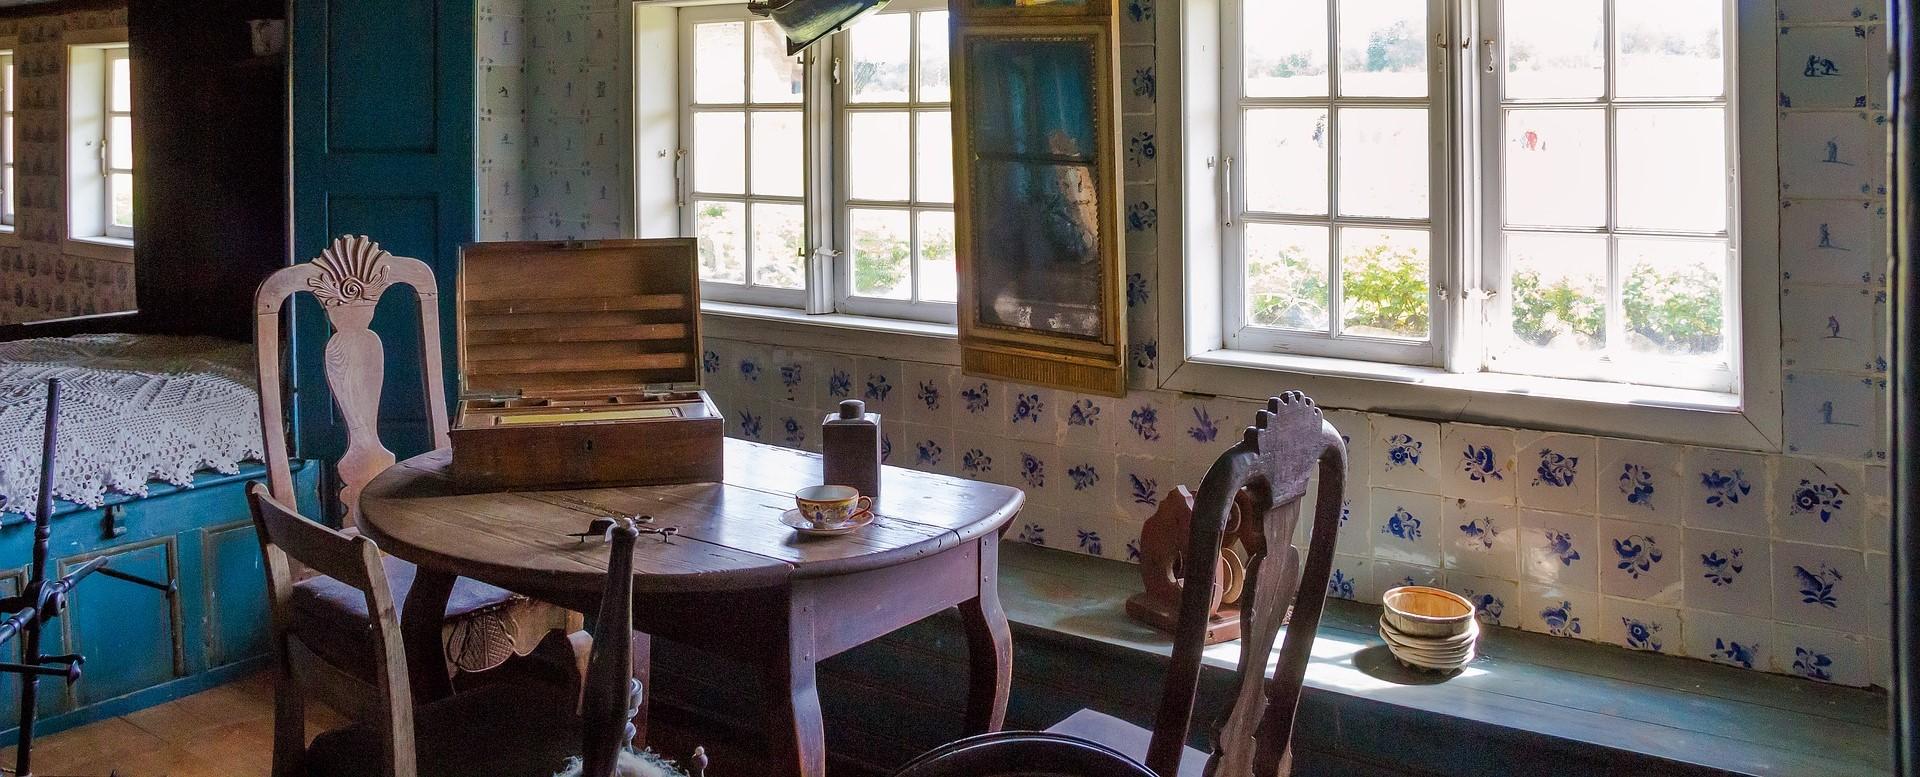 Mobili antichi colorati ip76 pineglen for Arredare casa con mobili antichi e moderni